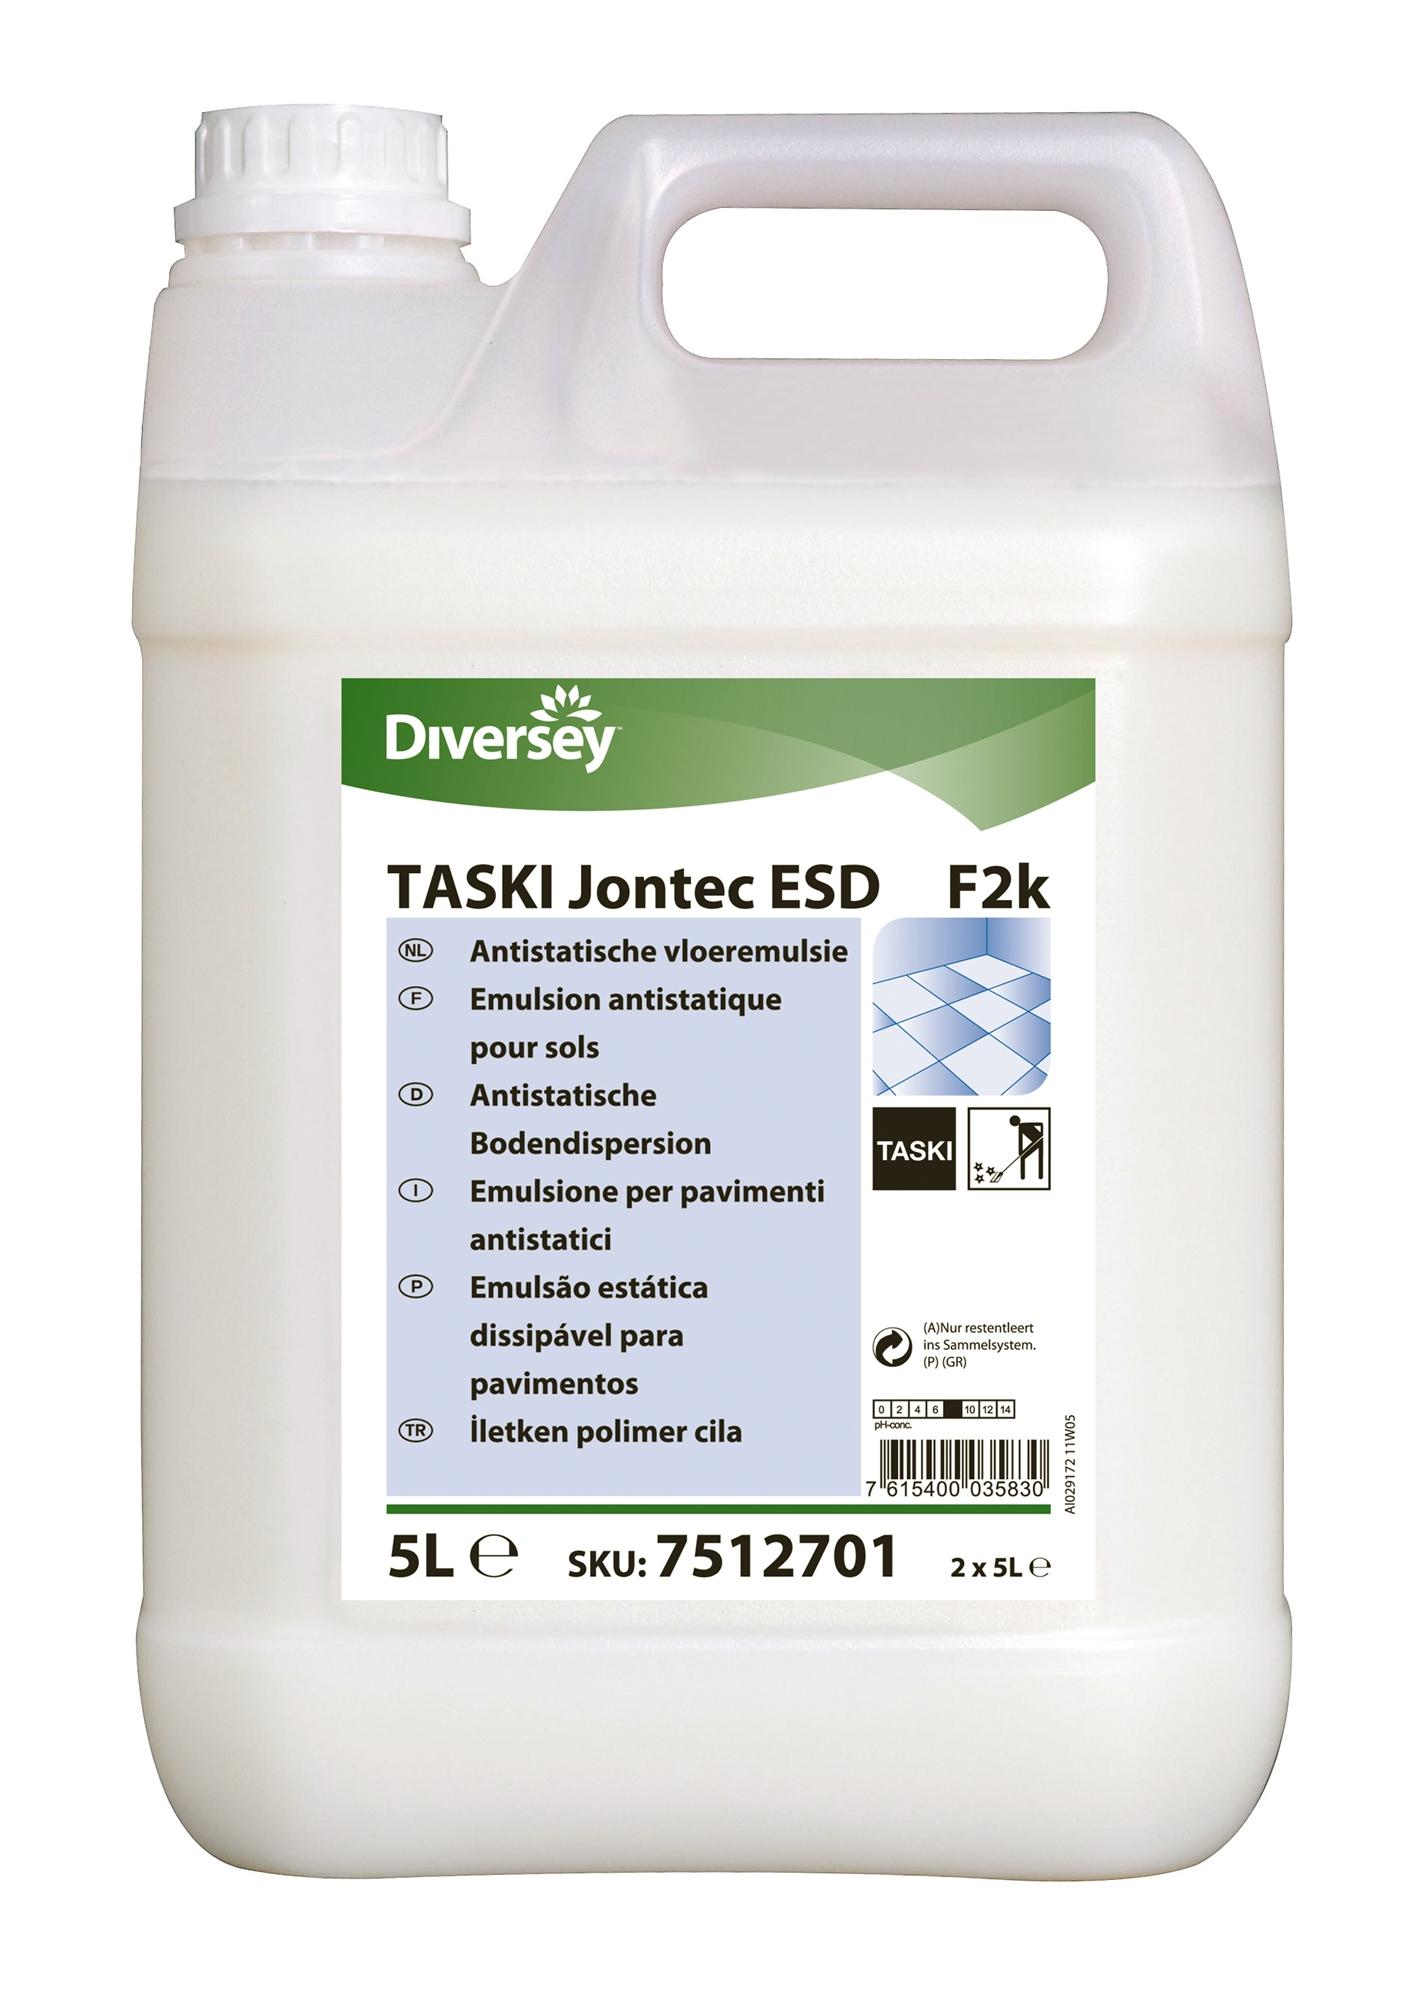 Anti Static Floor Wax : Taski jontec esd anti static floor wax